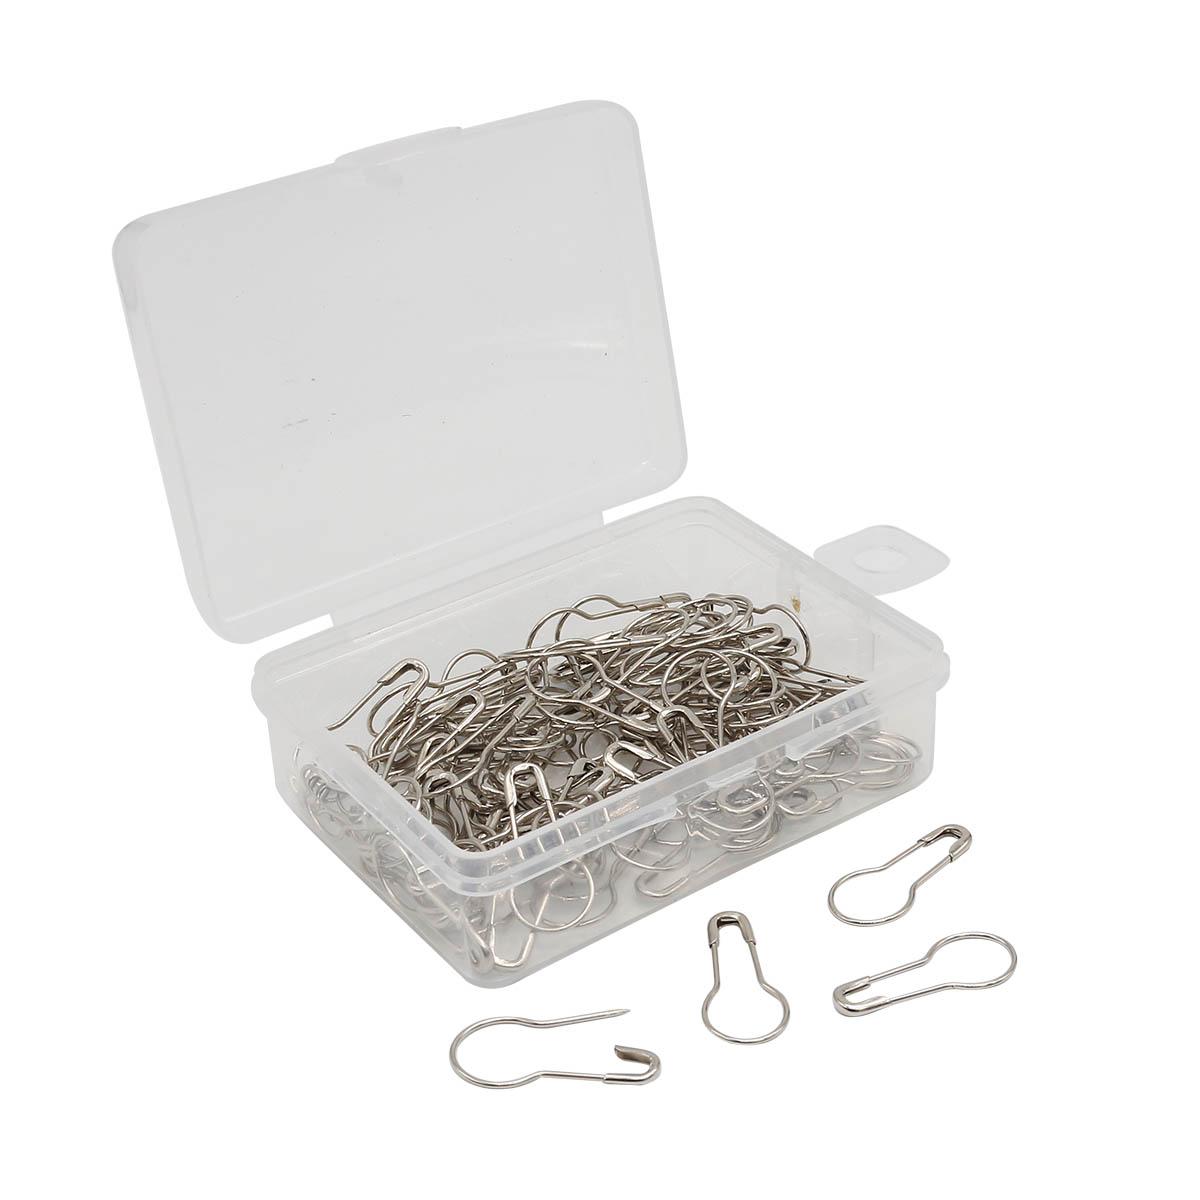 AC006 Булавки для этикеток в футляре, 100шт,серебро Hobby&Pro